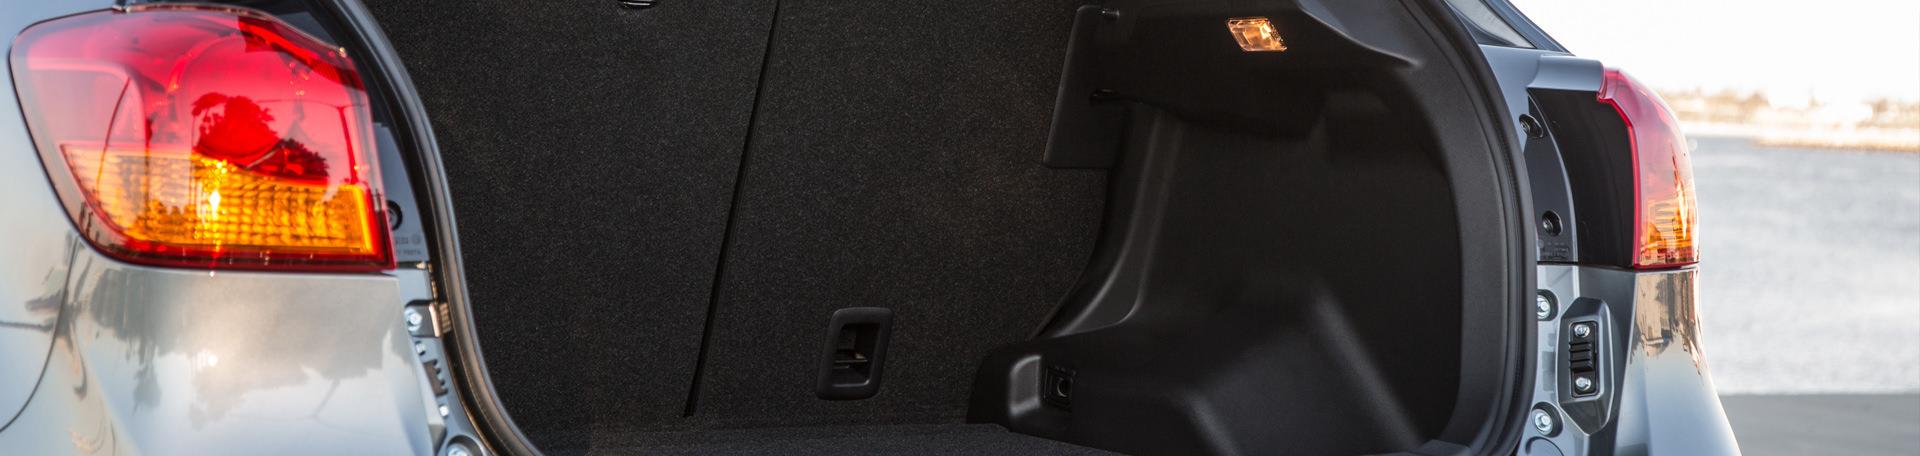 ремонт багажника